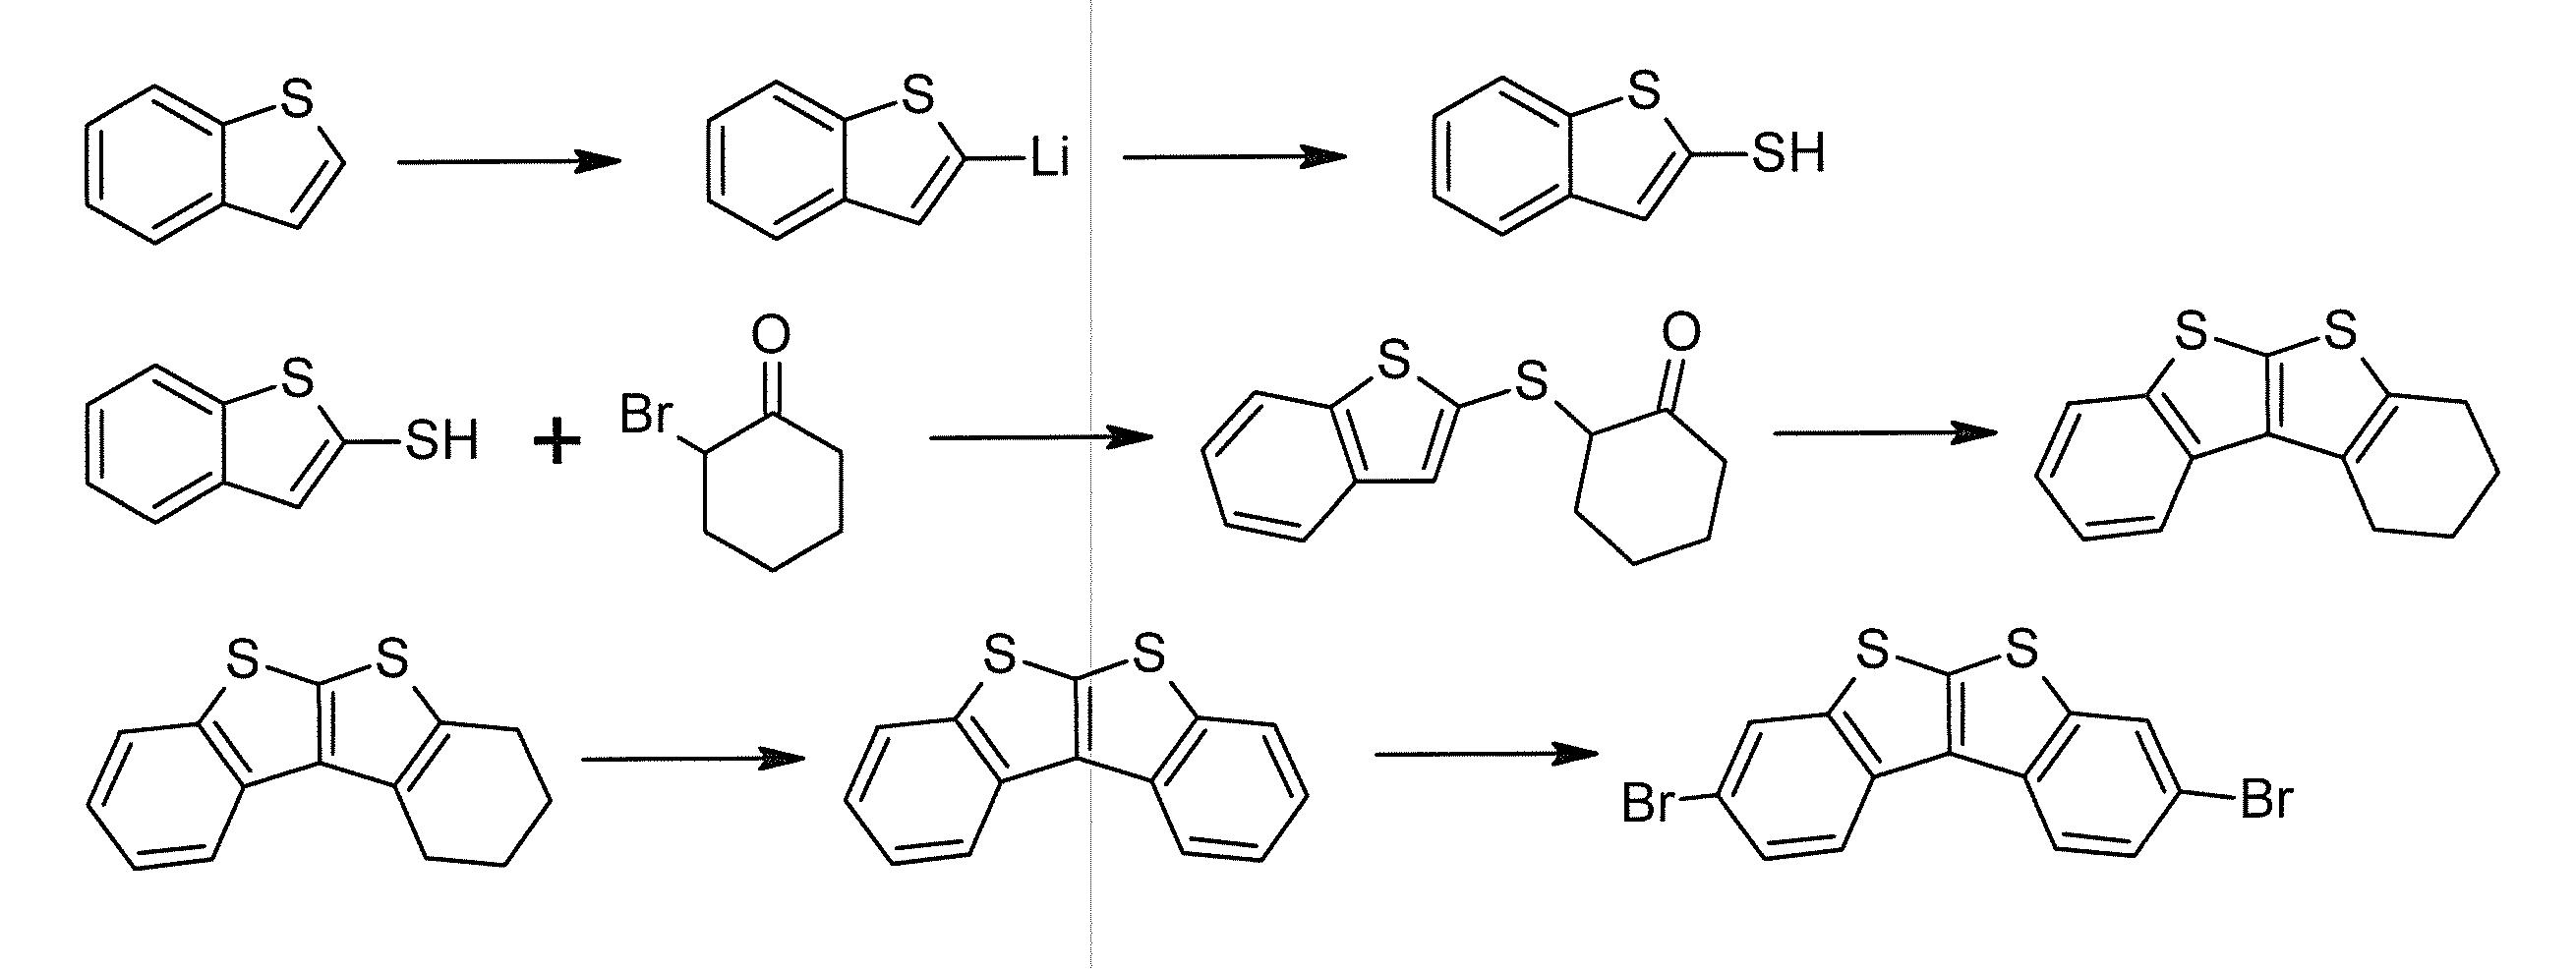 Patent WO2012050001A1 - 含カルコゲン芳香族化合物、有機半導体材料 <b>...</b>